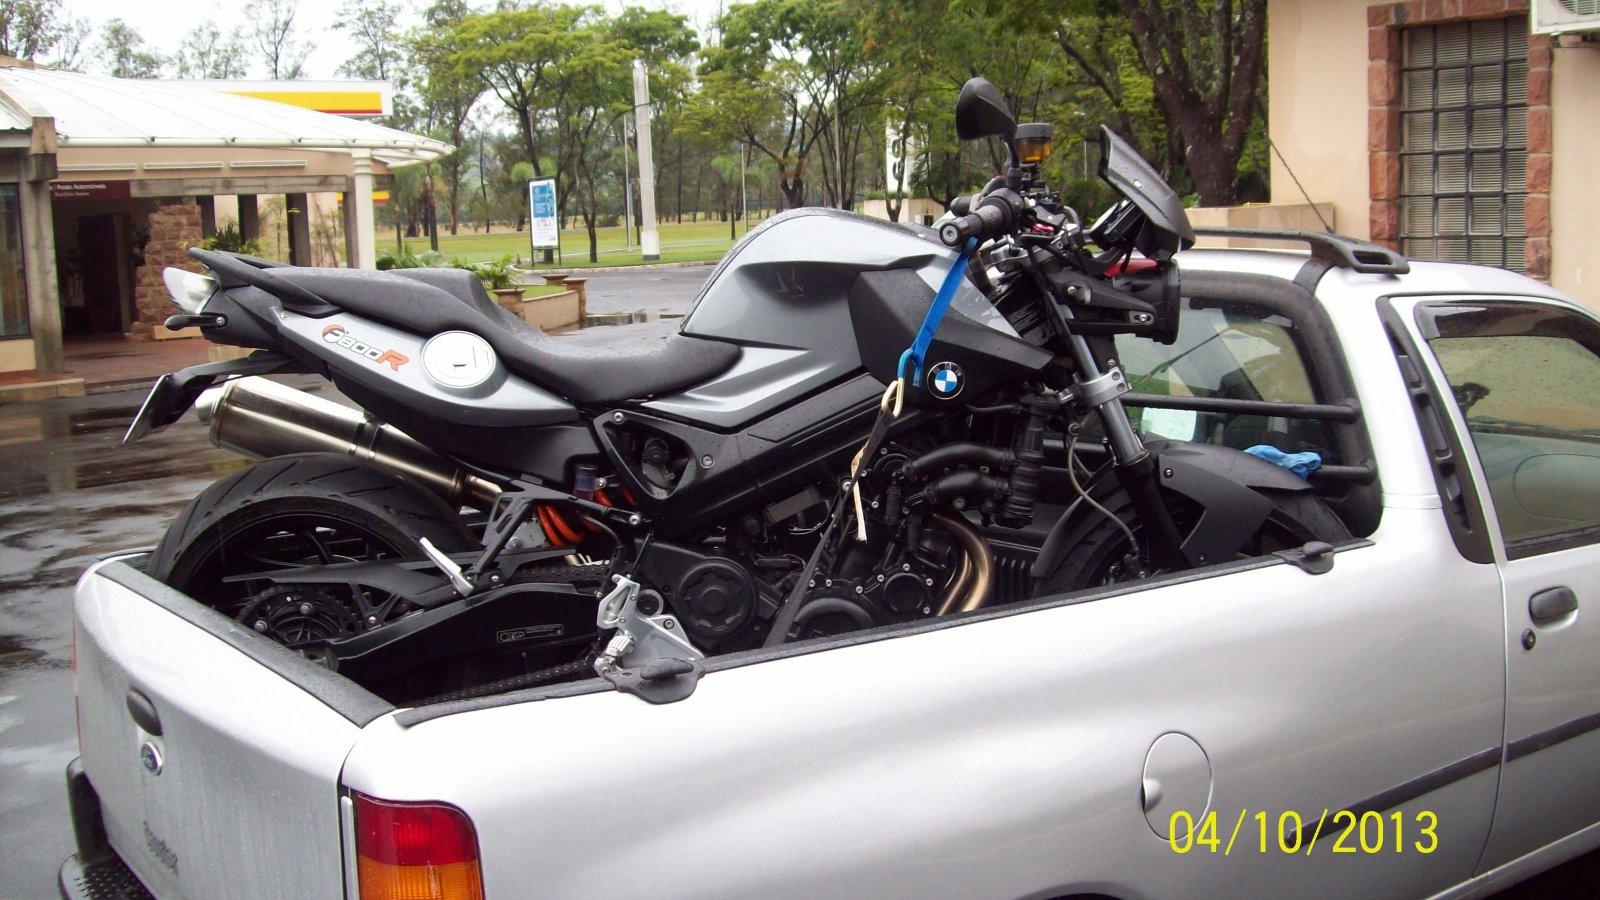 DESVENTURAS EM SÉRIE - CAPITULO DE HOJE: BMW F800R 2012 :-( - Página 2 691eyu